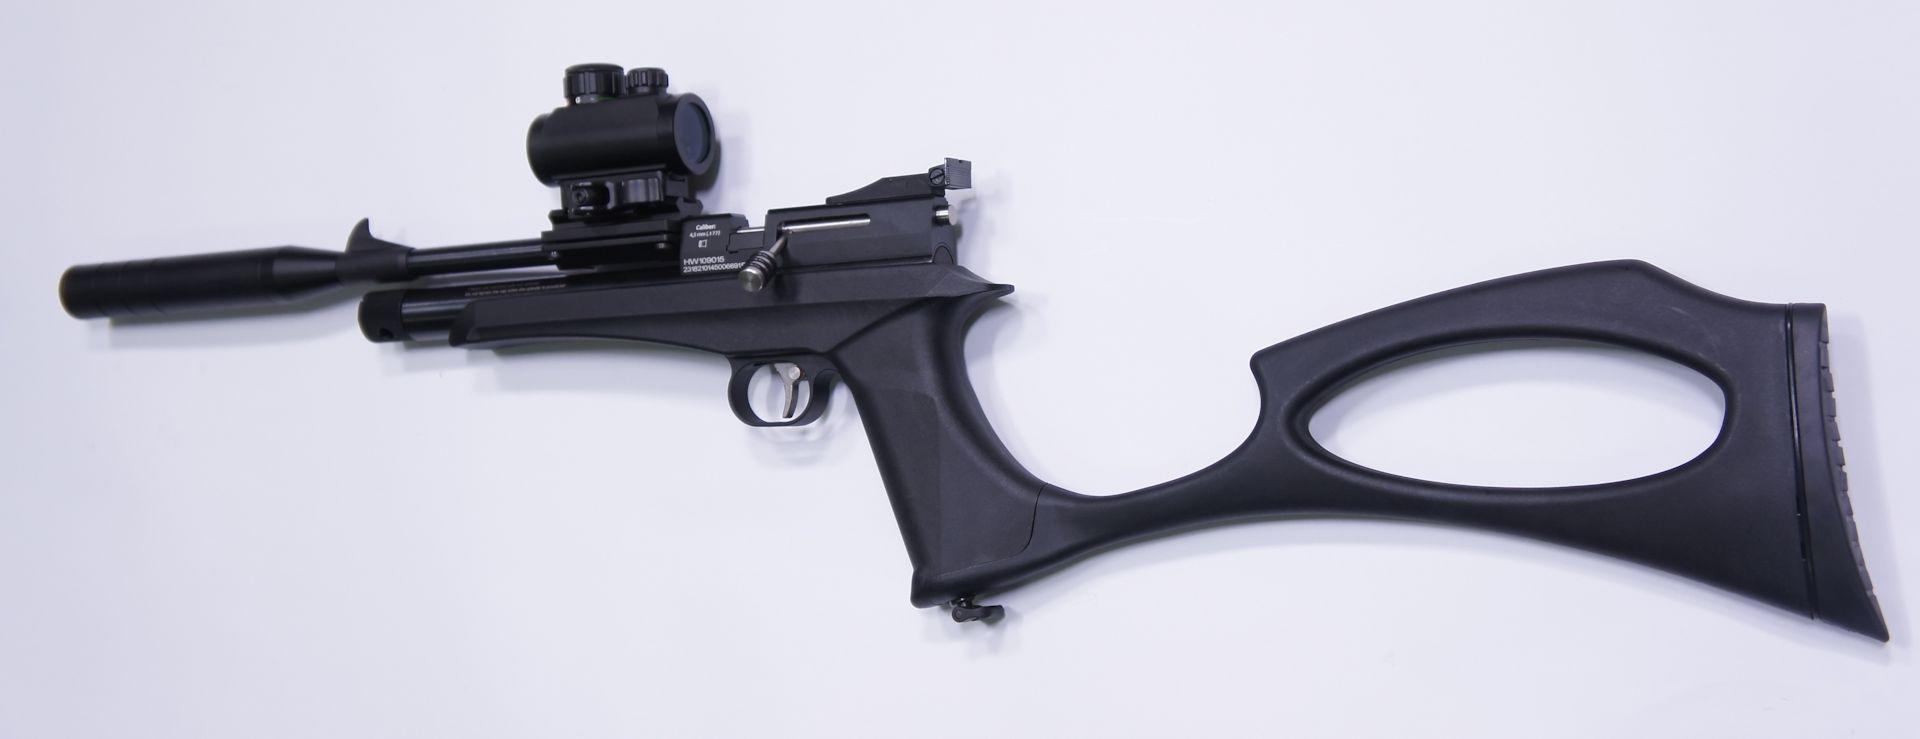 Wer auch Schalldämpfer und Anschlagschaft gut findet, sollte gleich das <a href=1050107-45-K.htm>Diana Chaser CO2 Pistolen- und Gewehrset</a> anschaffen. Meine Zubehörempfehlungen wären die gleichen.